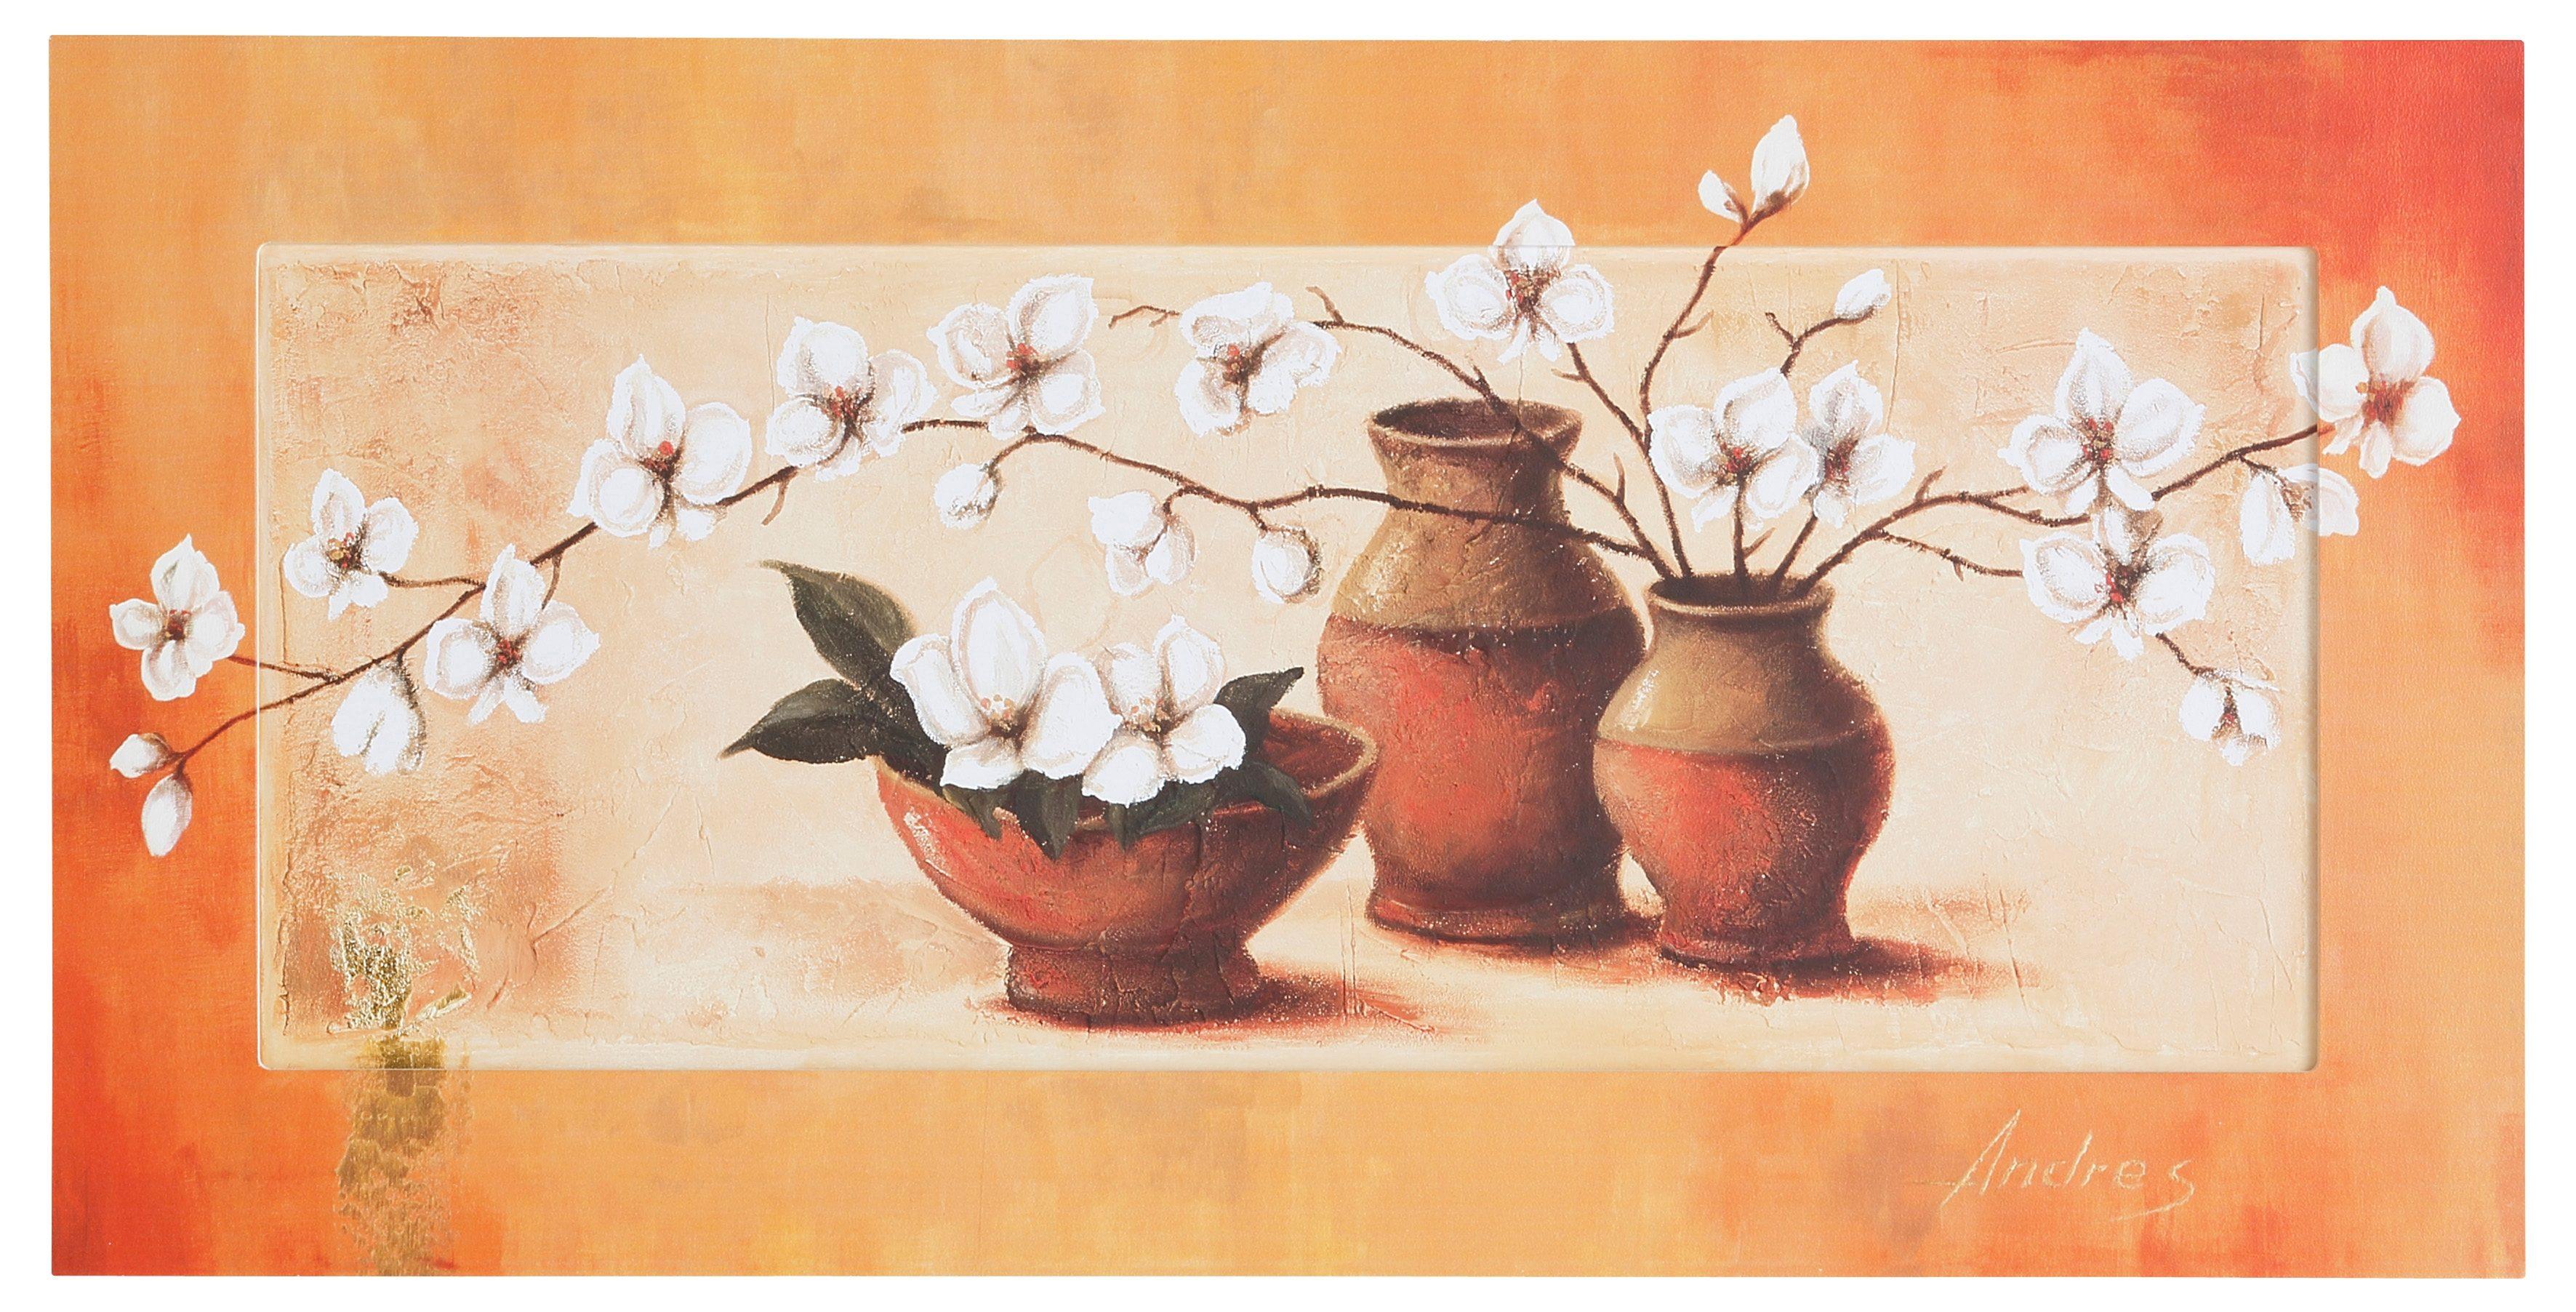 Home affaire, Bild Kunstdruck, »S., A.: Weiße Kirschblüten in roten Vasen II«, 100/50 cm